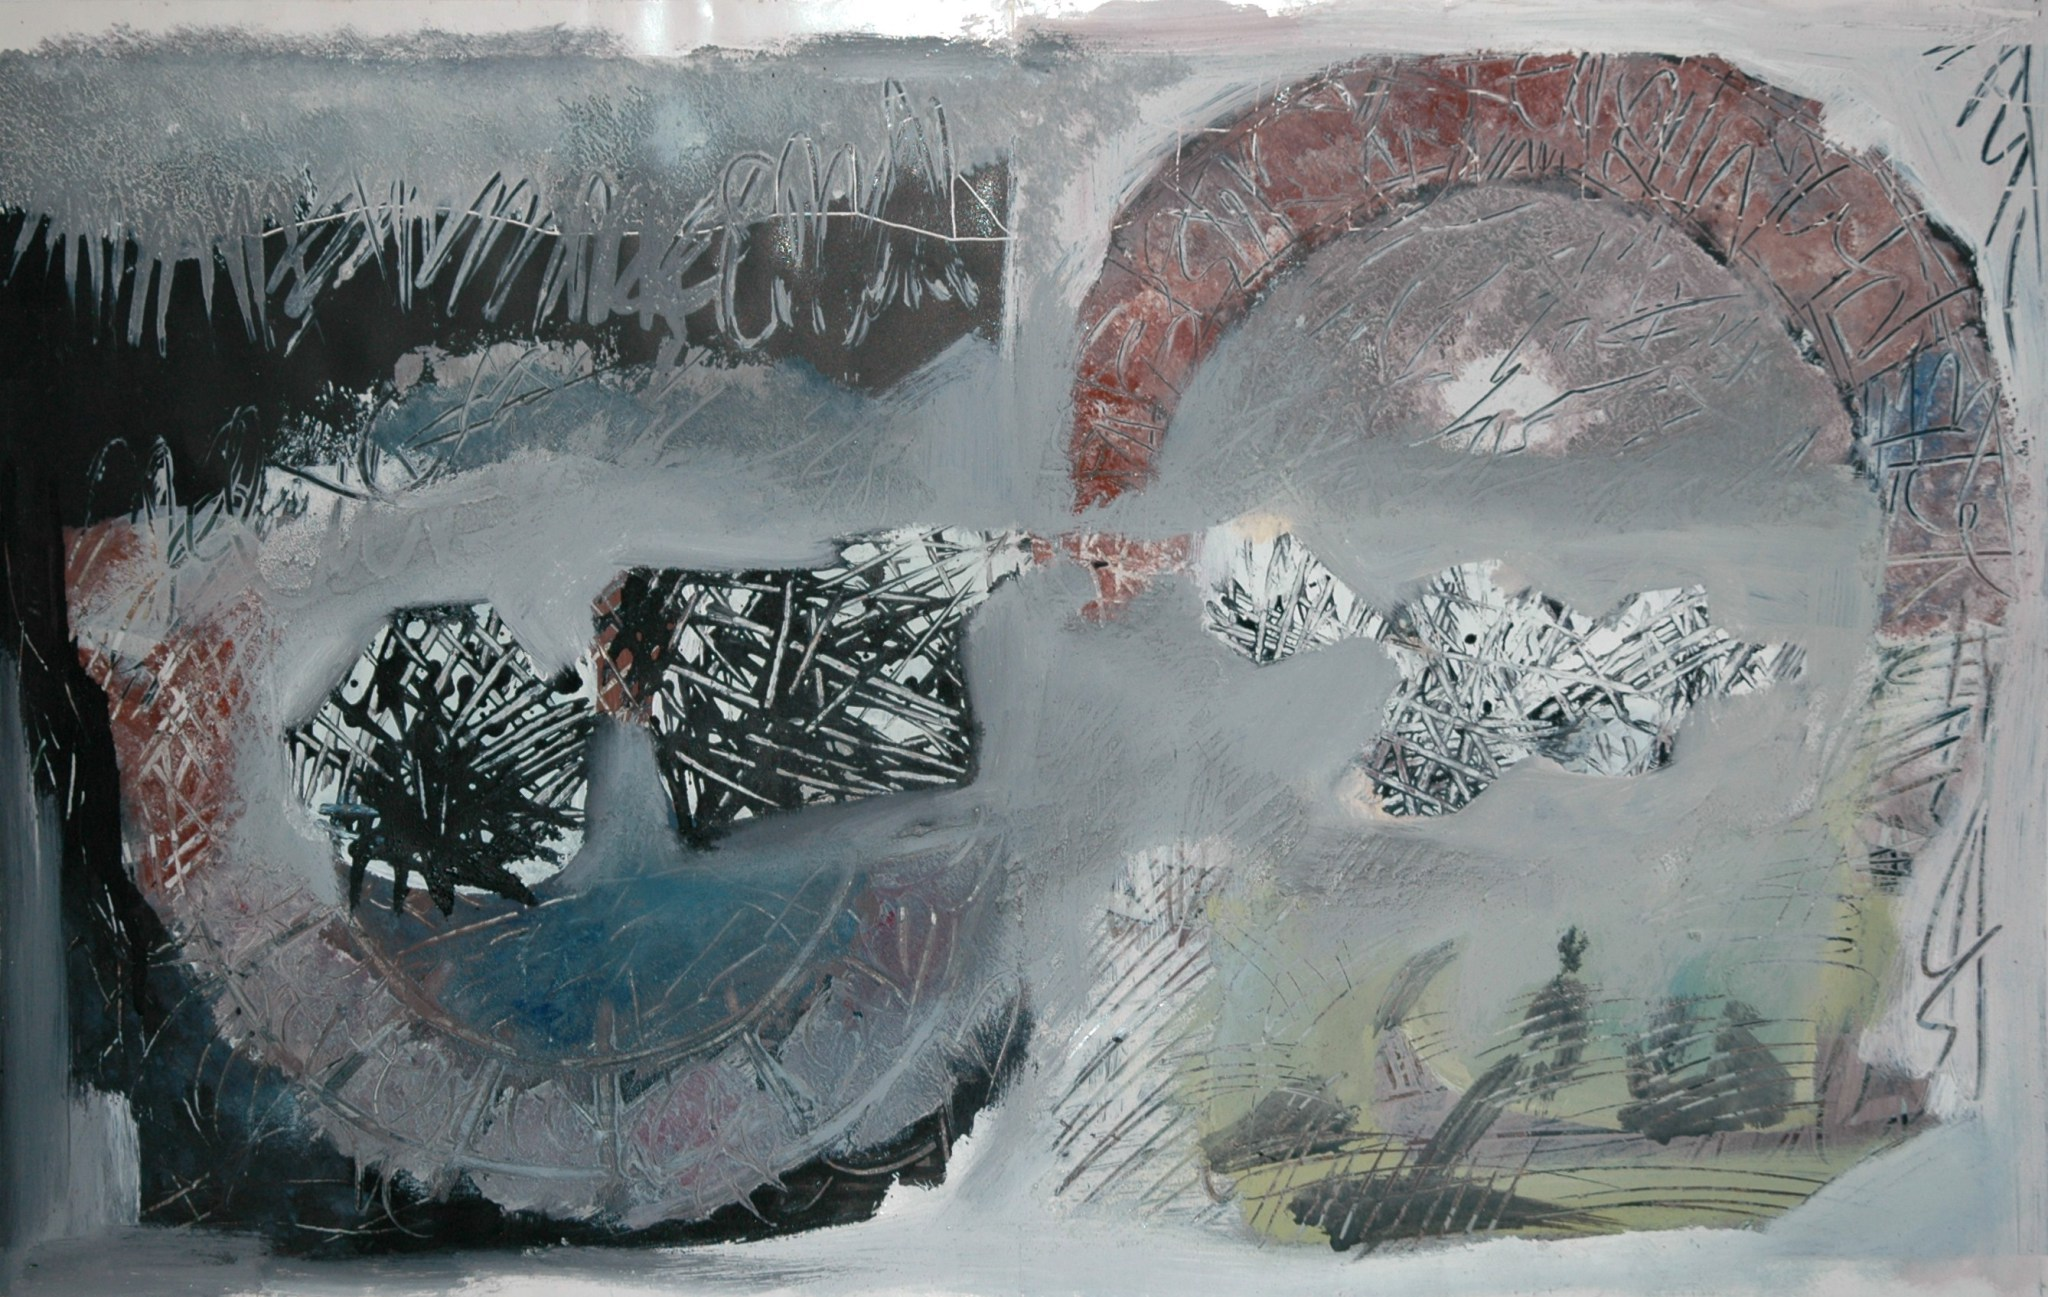 Couleurs en poudre sur papier, 52.9 X 33.5 cm